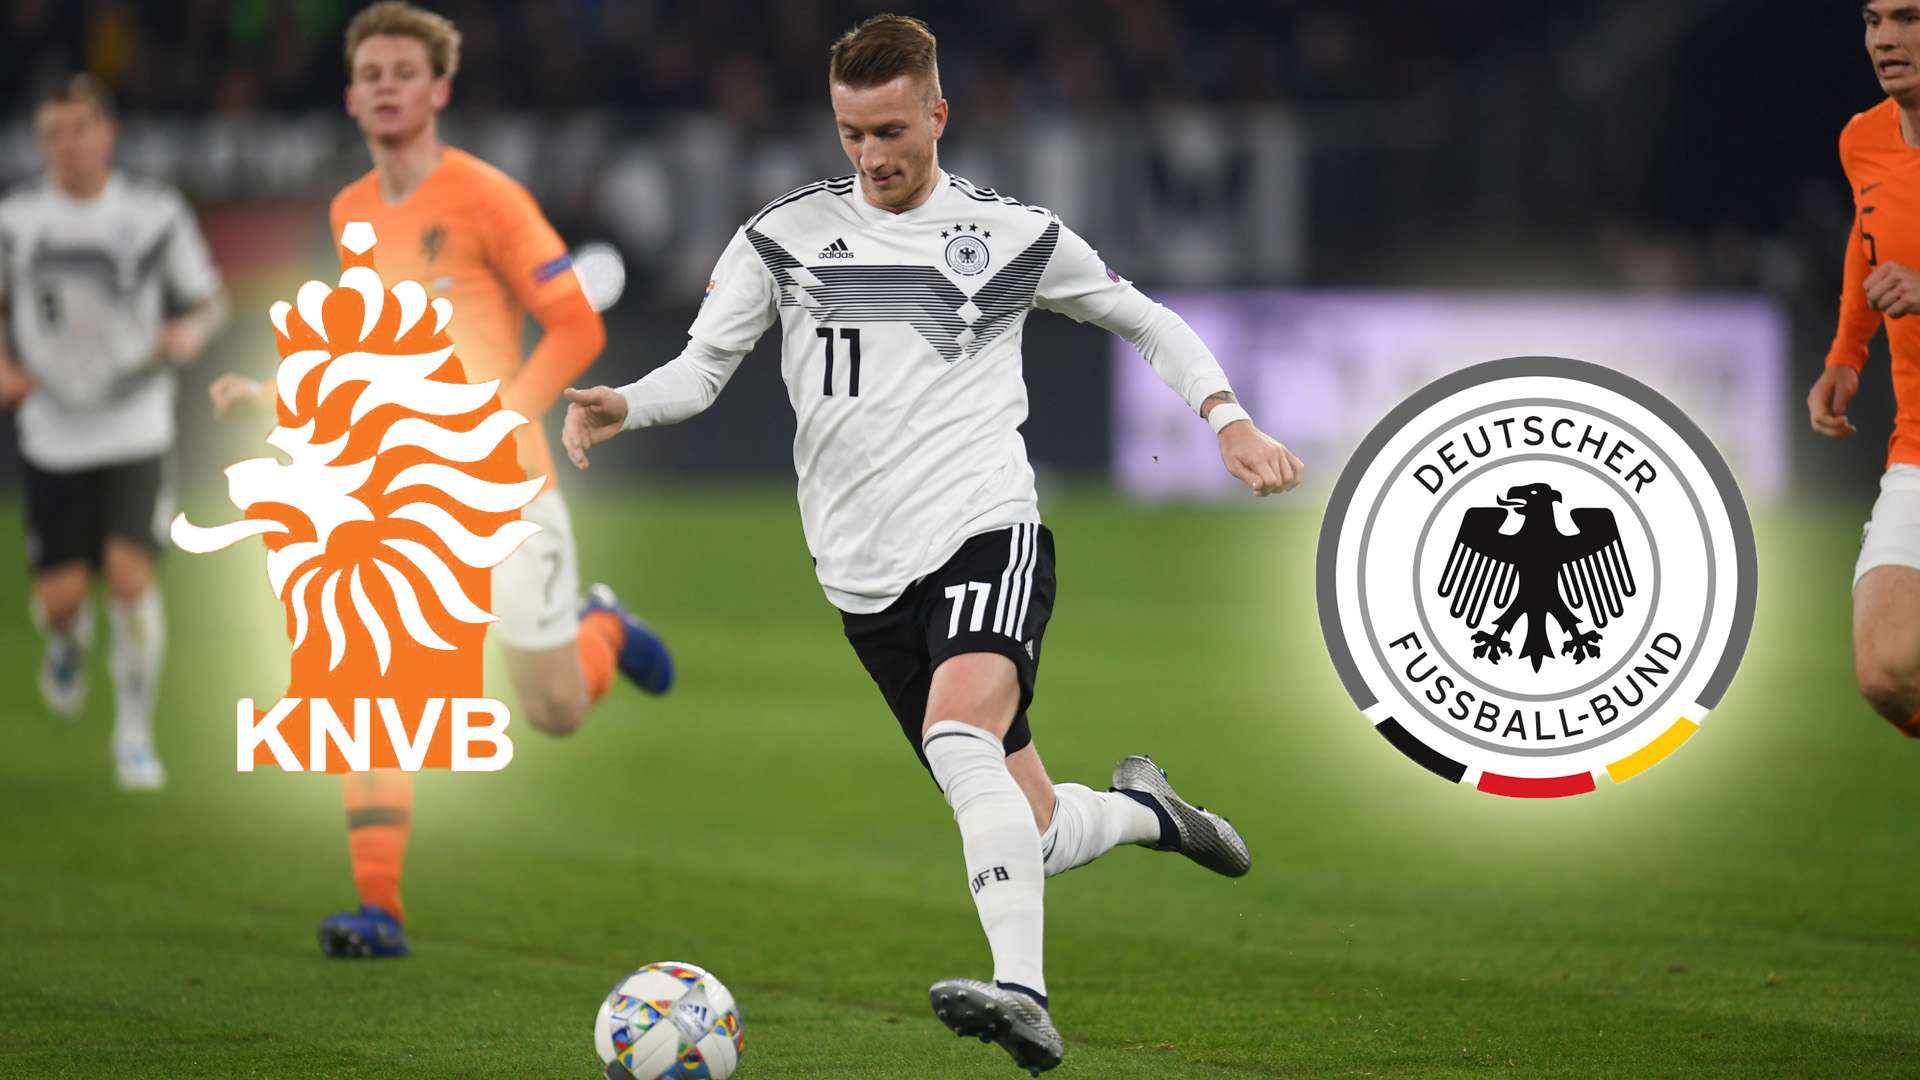 Deutschland Vs Niederlande So Laufen Die Highlights Des